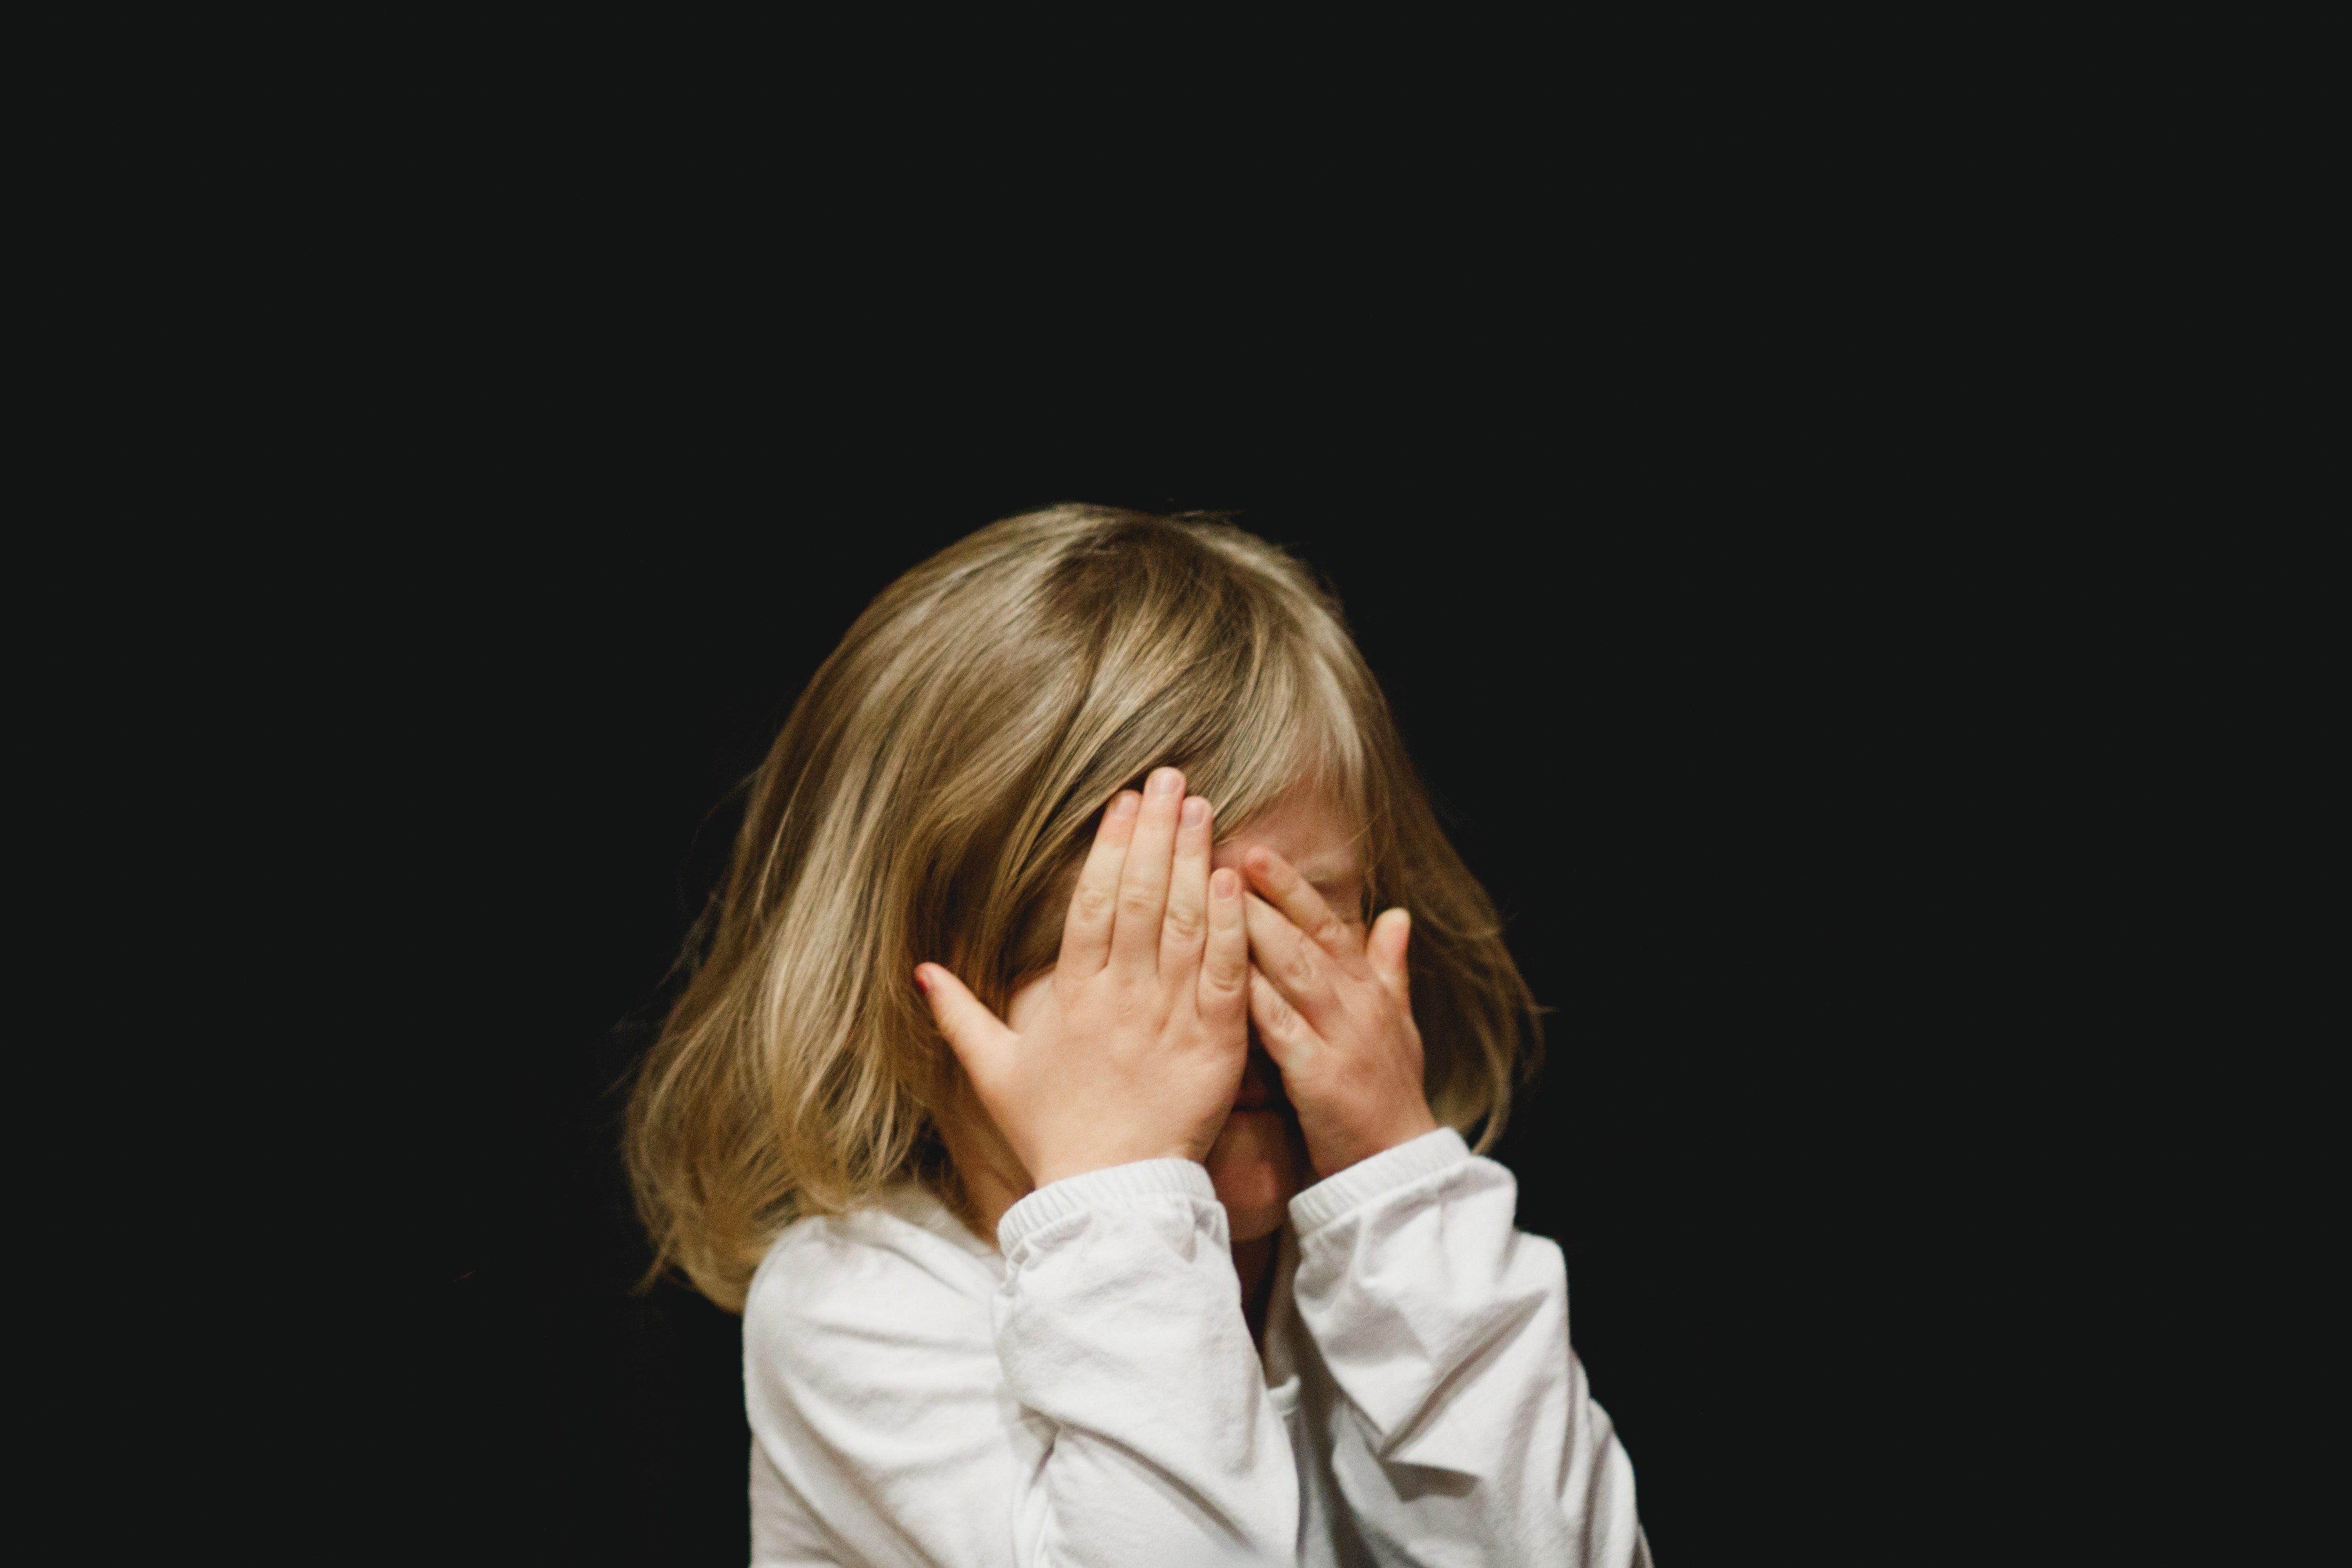 Запрет на шлепки, или как поменялись взгляды на воспитание у британцев